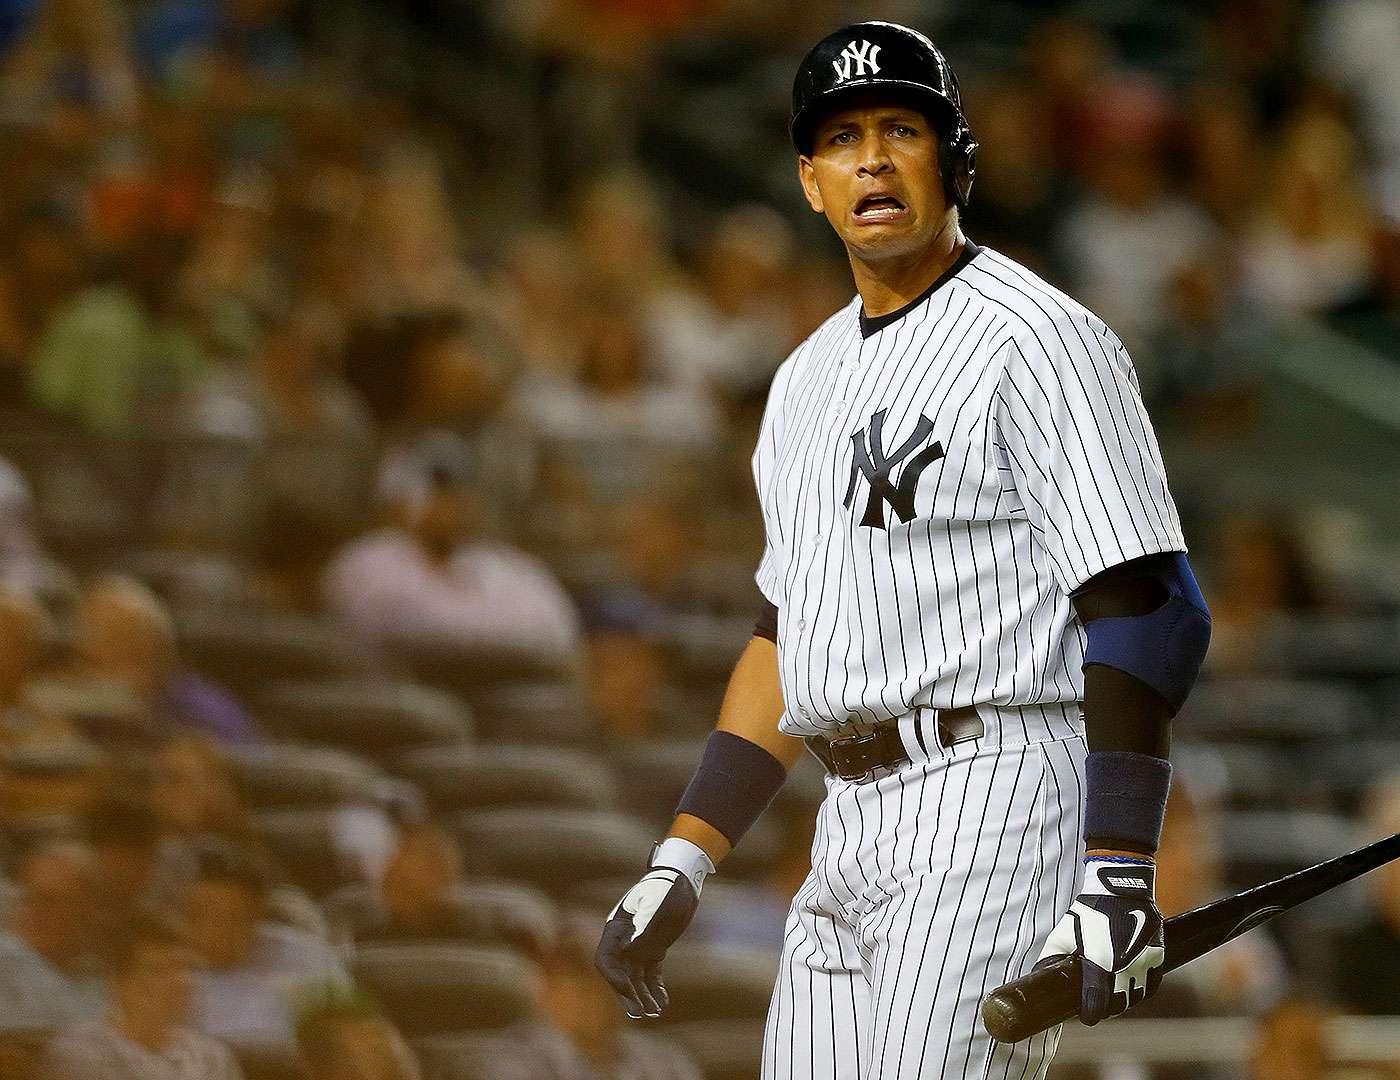 Alex Rodriguez, Tercera Base/Bateador designado, NY Yanquis Foto: Getty Images